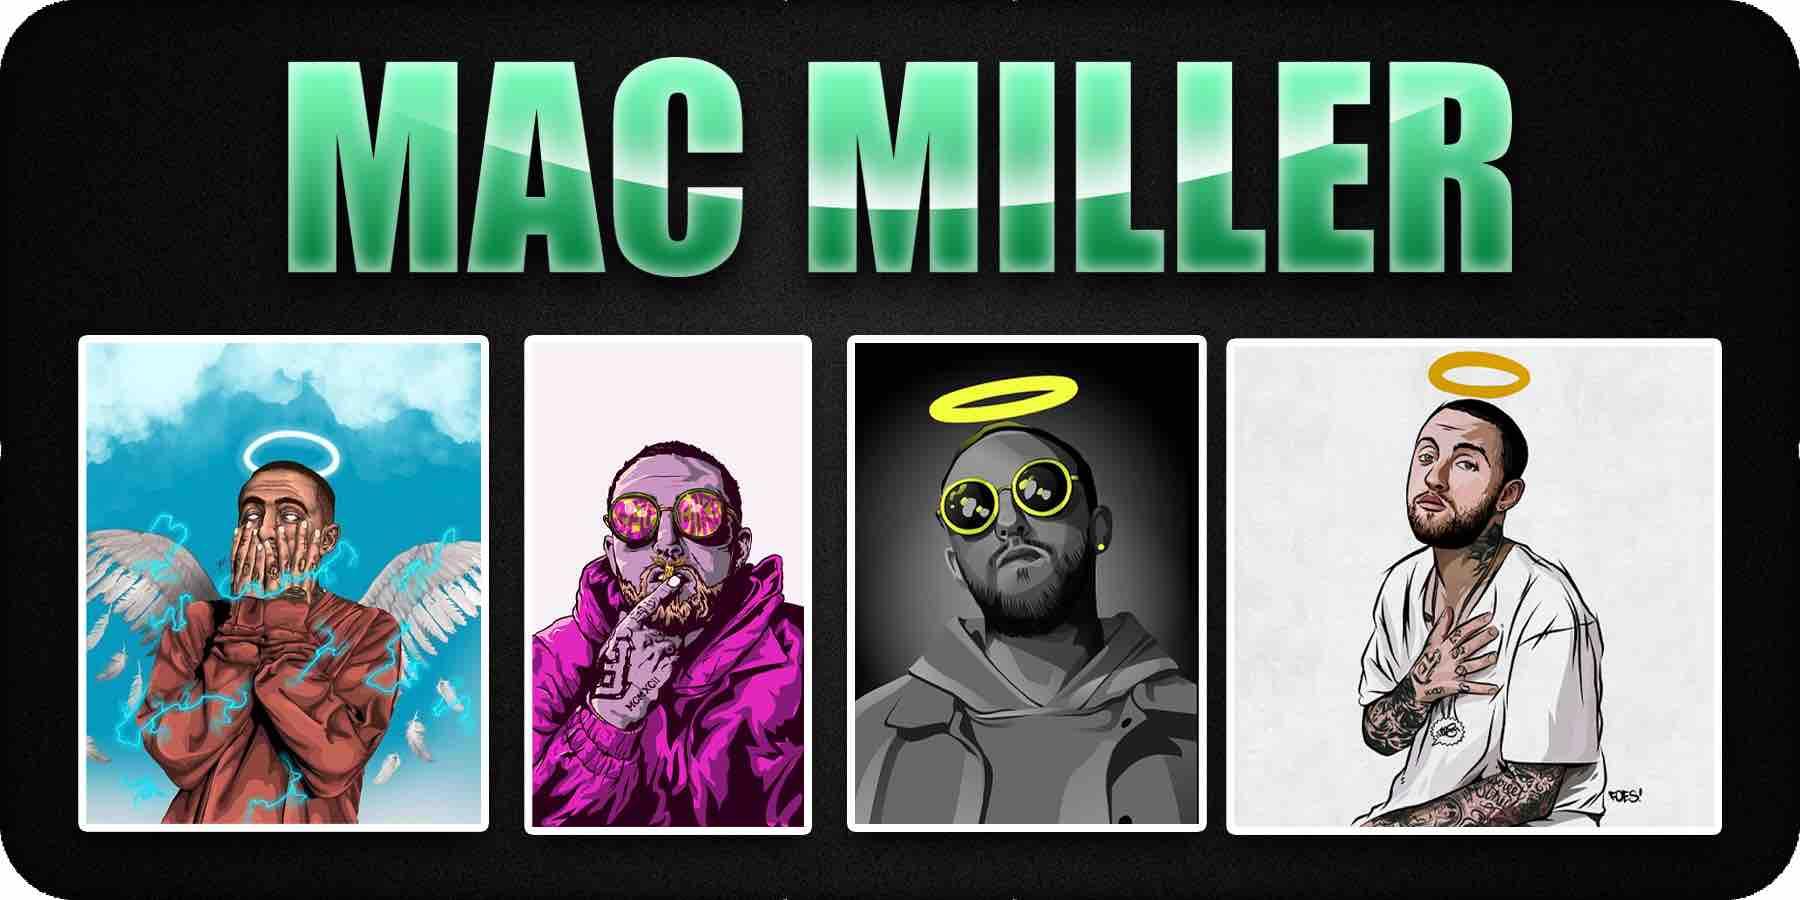 Mac Miller cartoon album cover